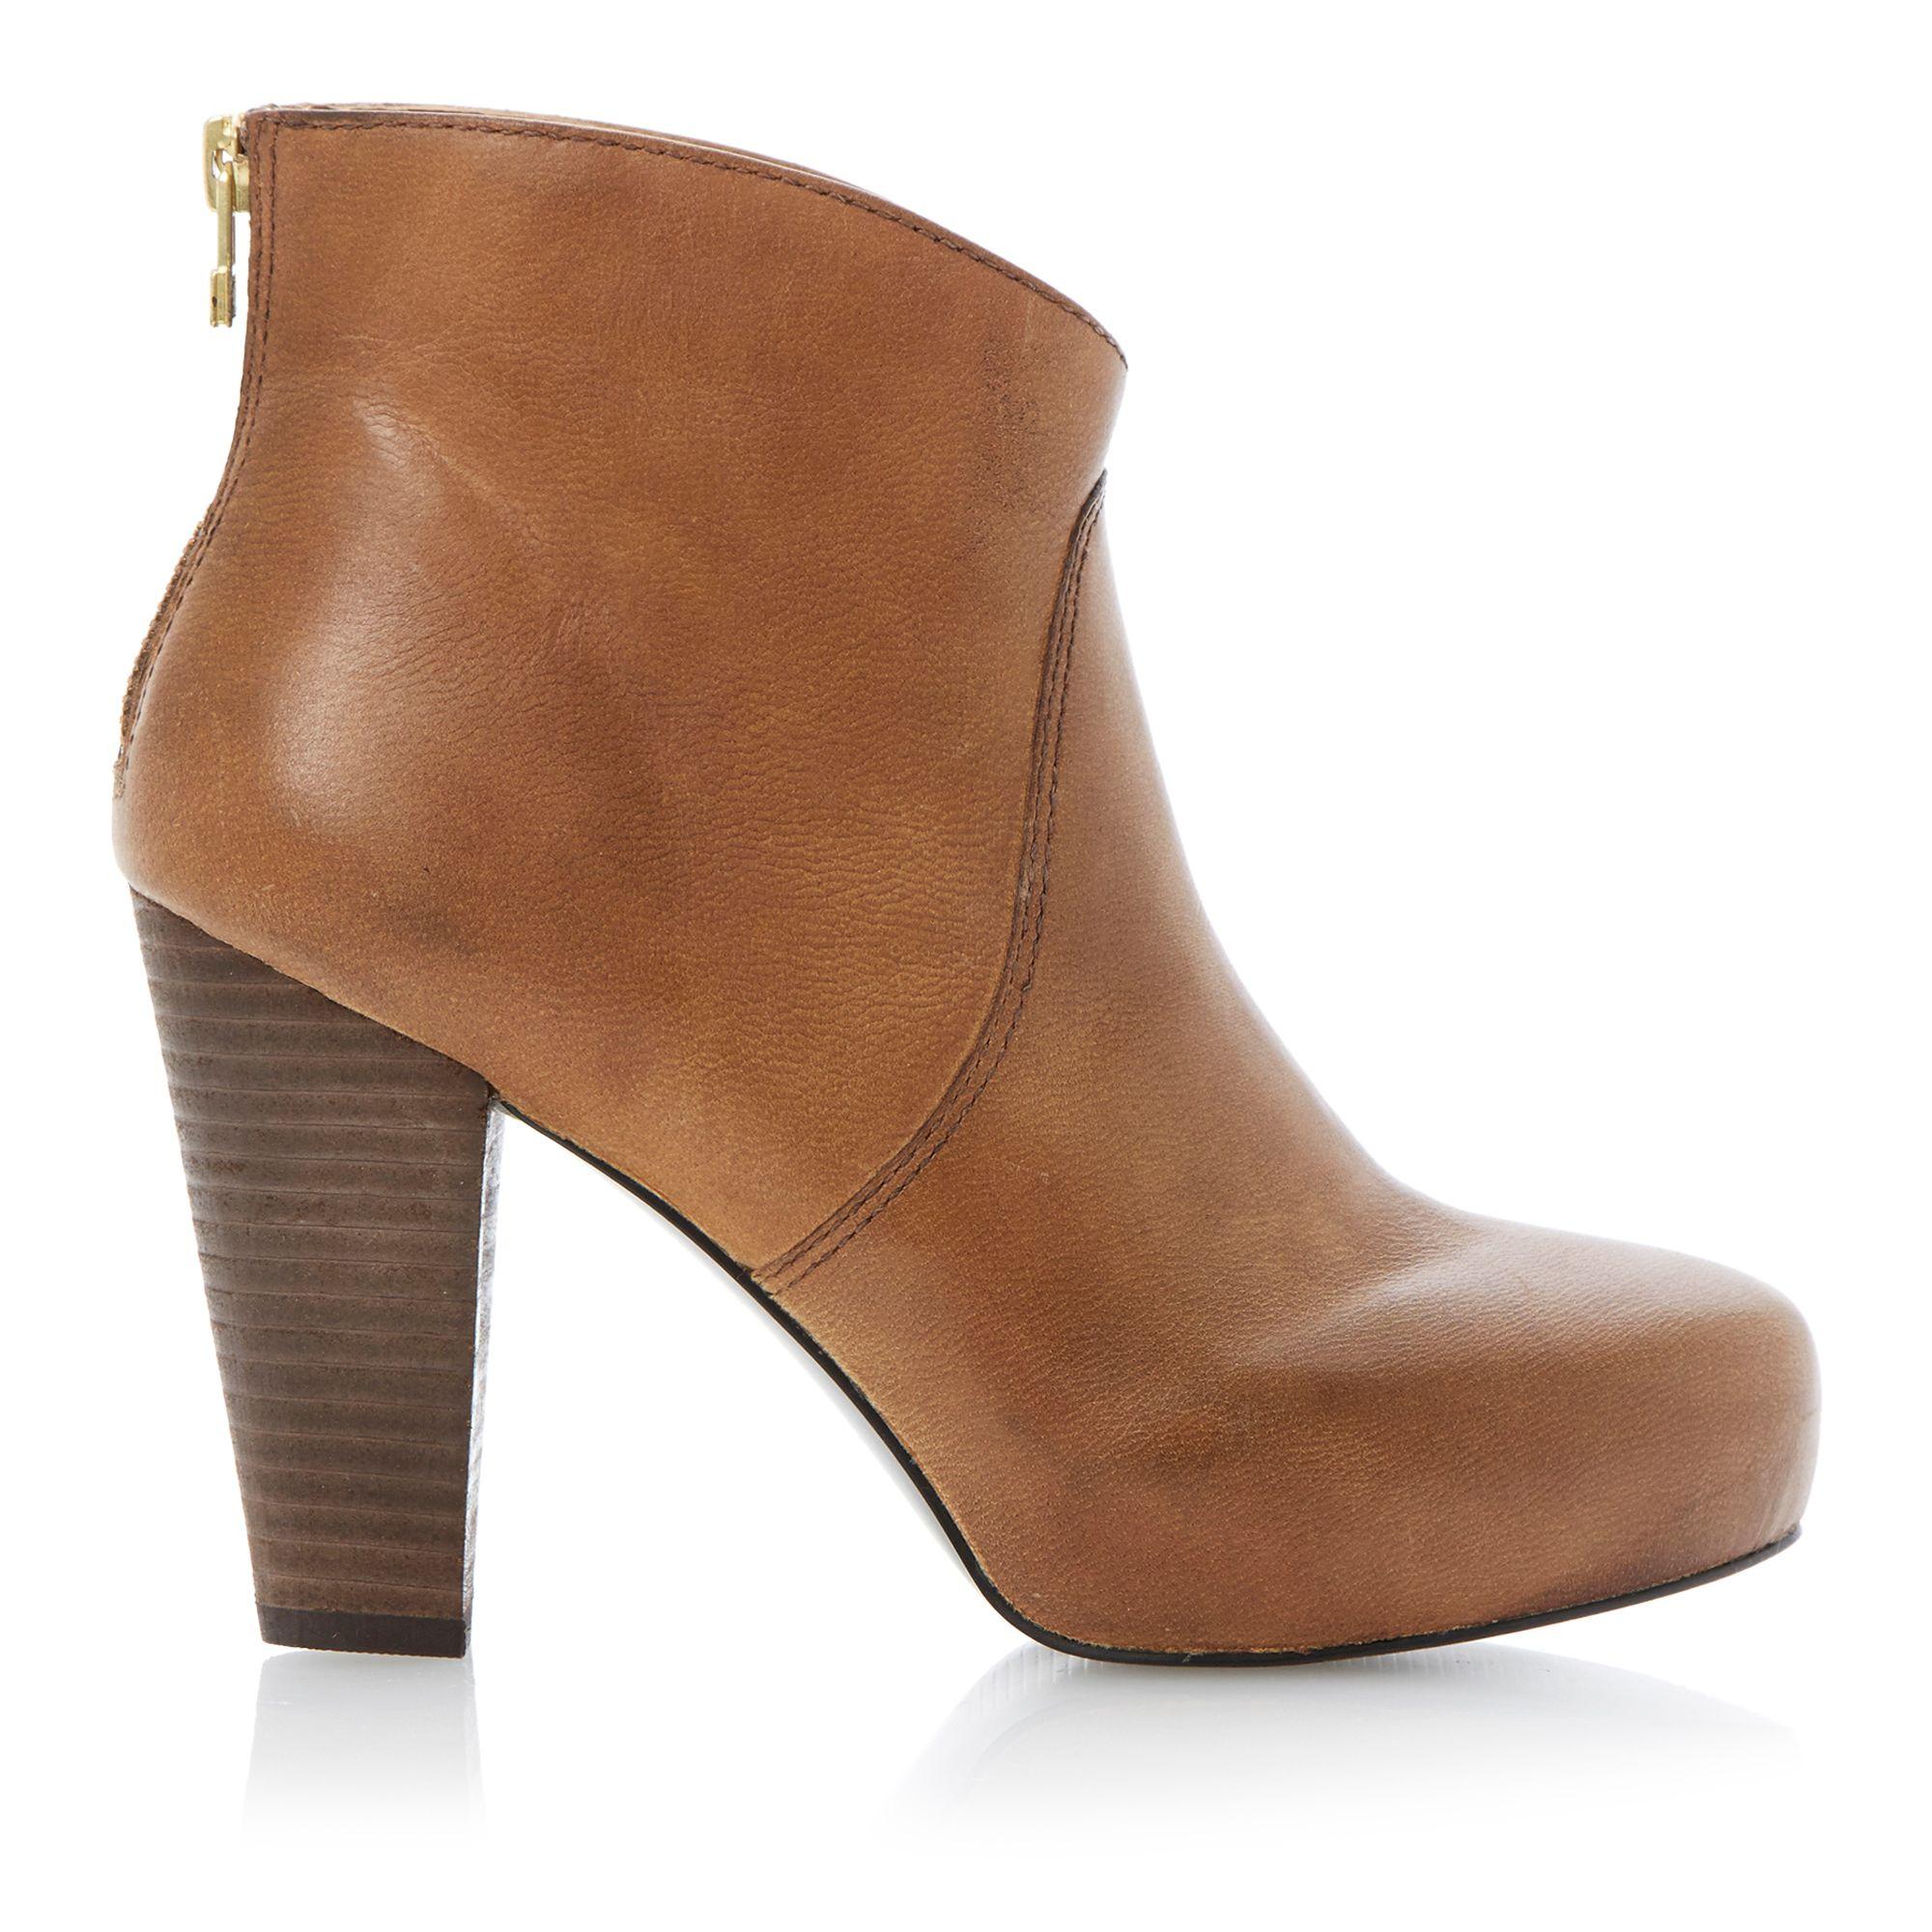 steve madden naples concealed platform leather ankle boots. Black Bedroom Furniture Sets. Home Design Ideas